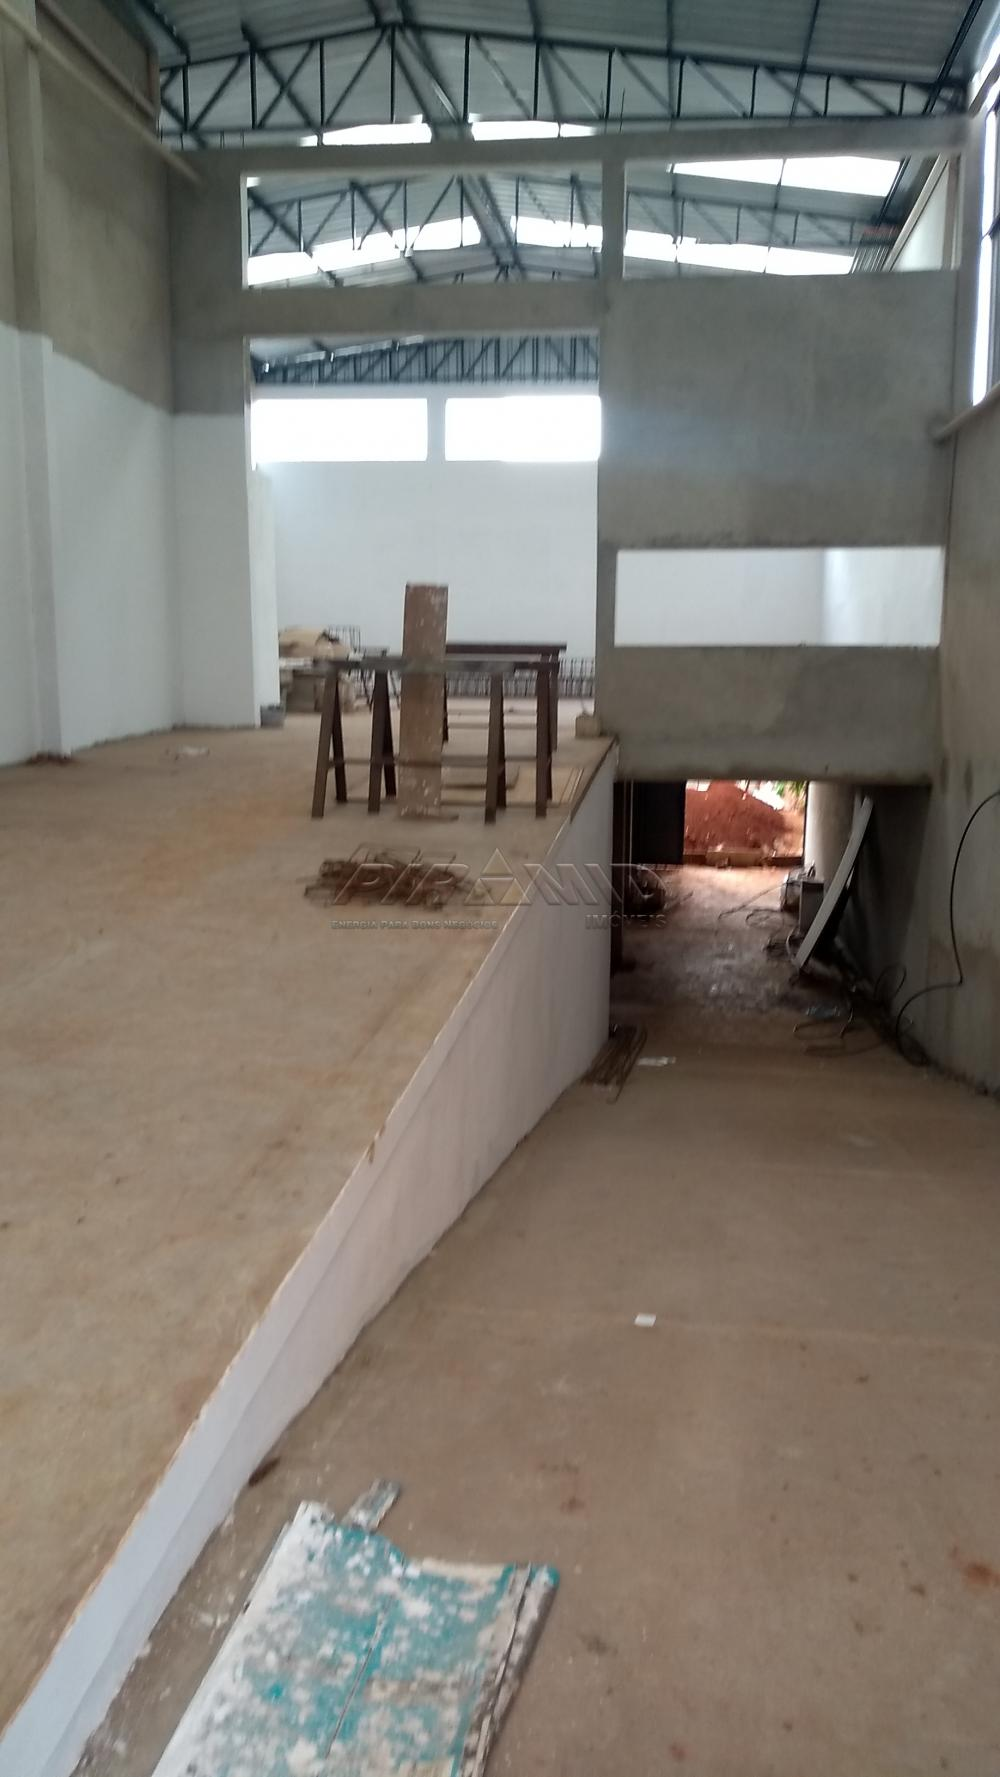 Alugar Comercial / Salão em Ribeirão Preto R$ 4.500,00 - Foto 6